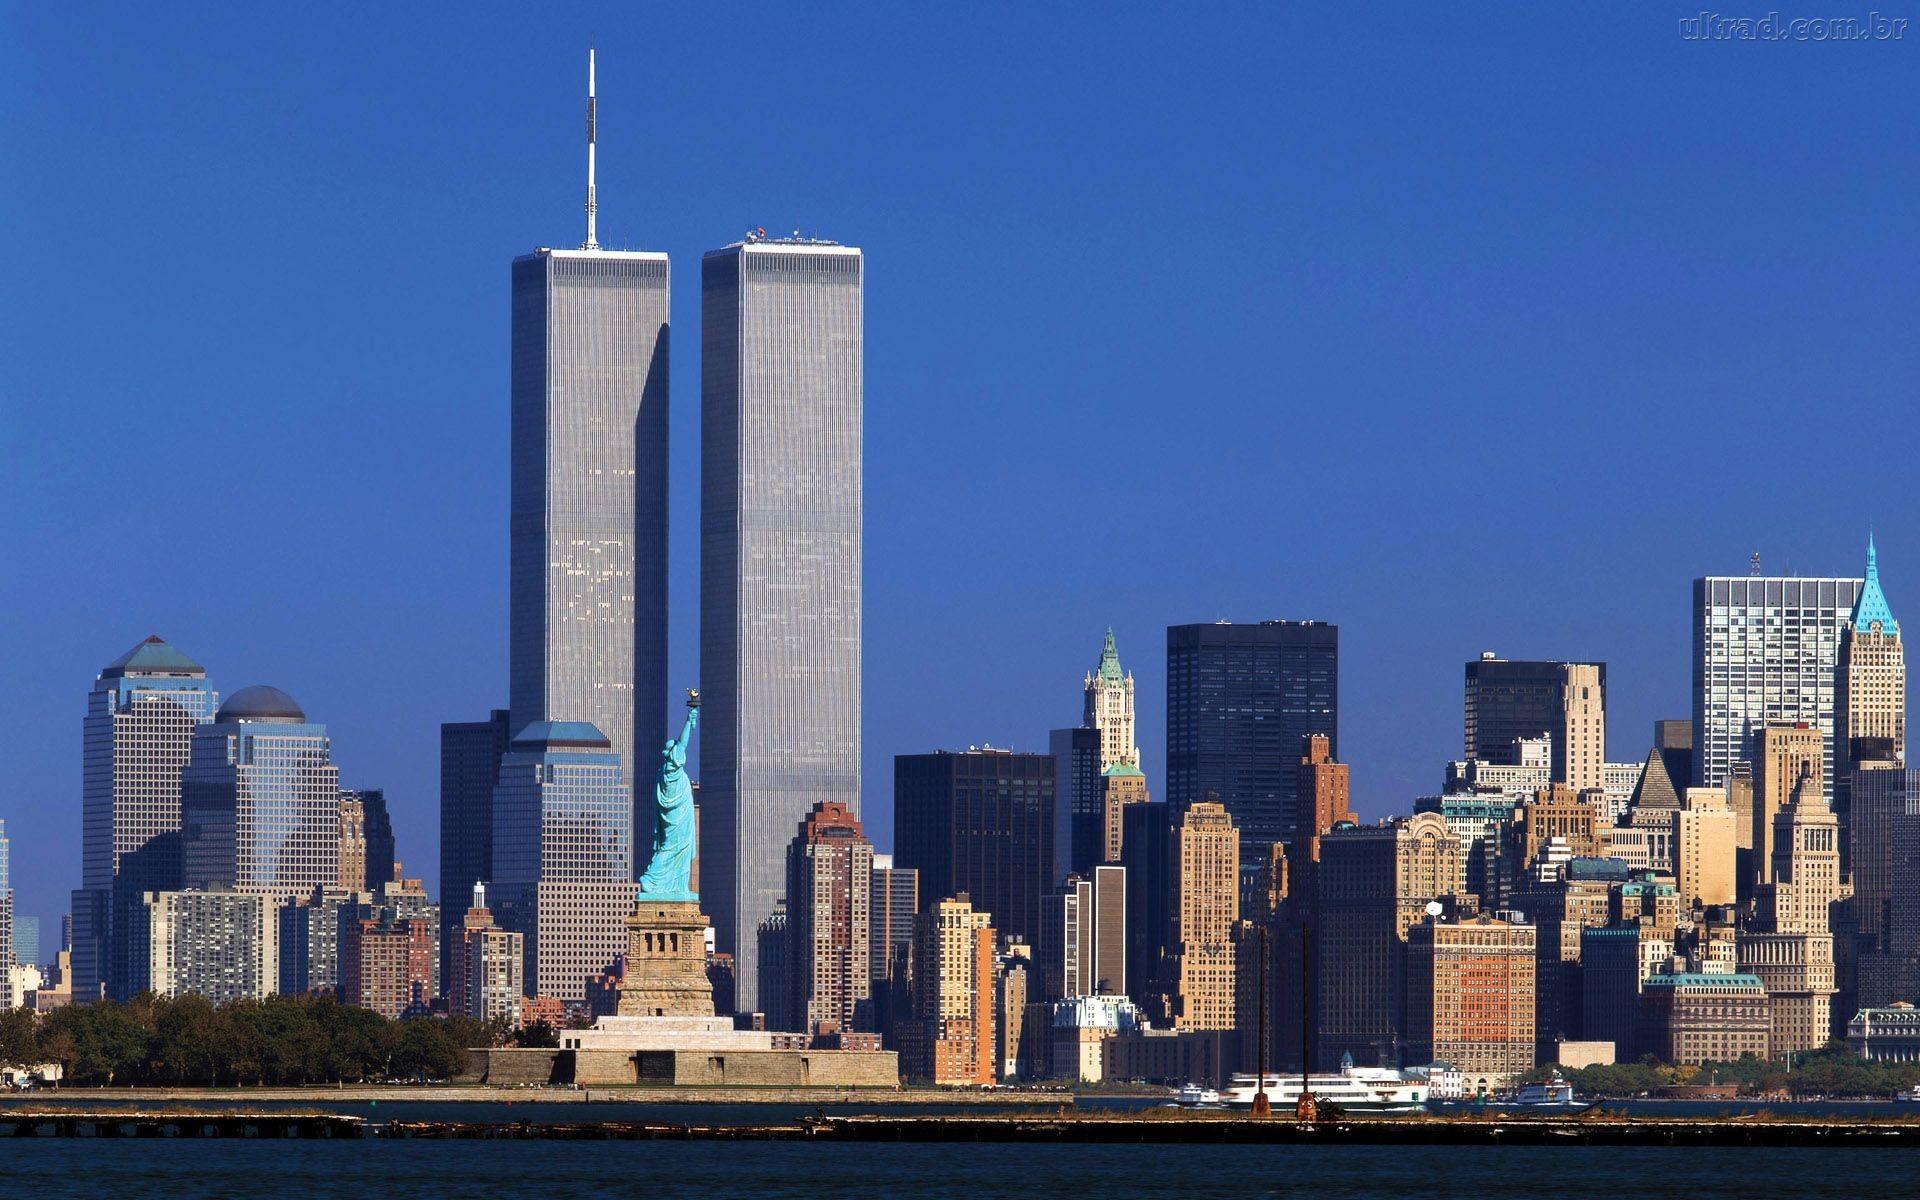 écran World Trade Center : tous les wallpapers World Trade Center .